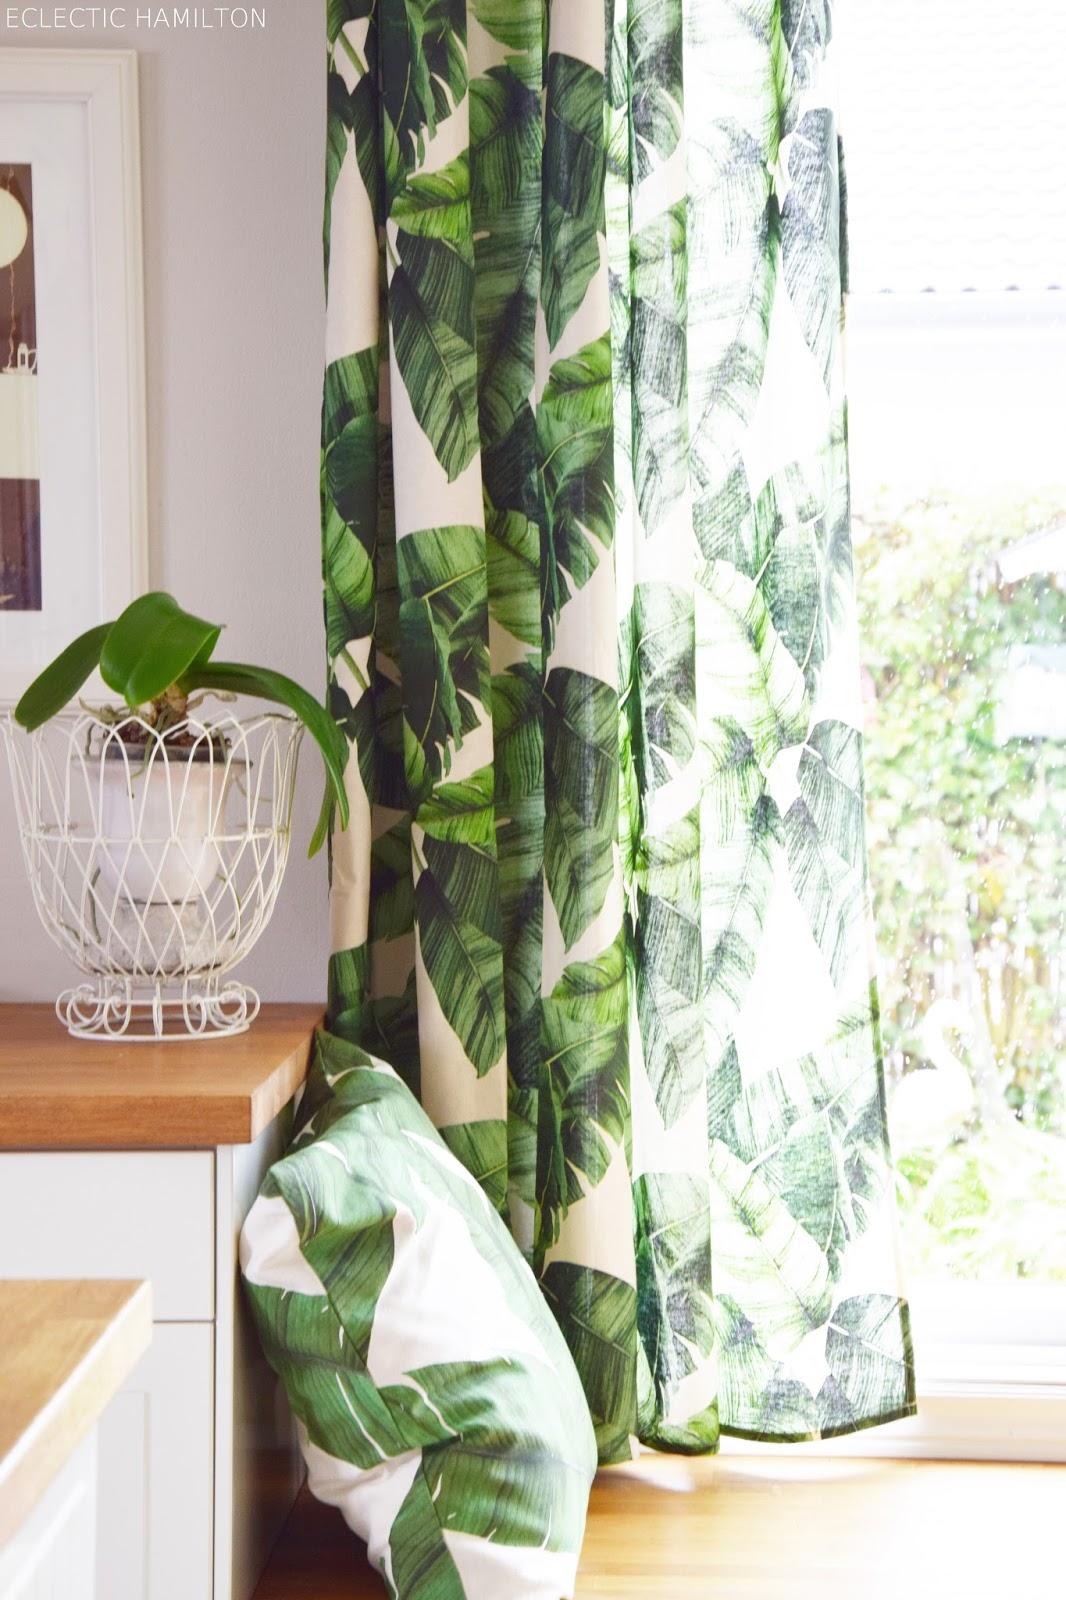 anleitung diy vorhang aus einer tischdecke einfach selber machen ohne nähen dschungel sommer deko